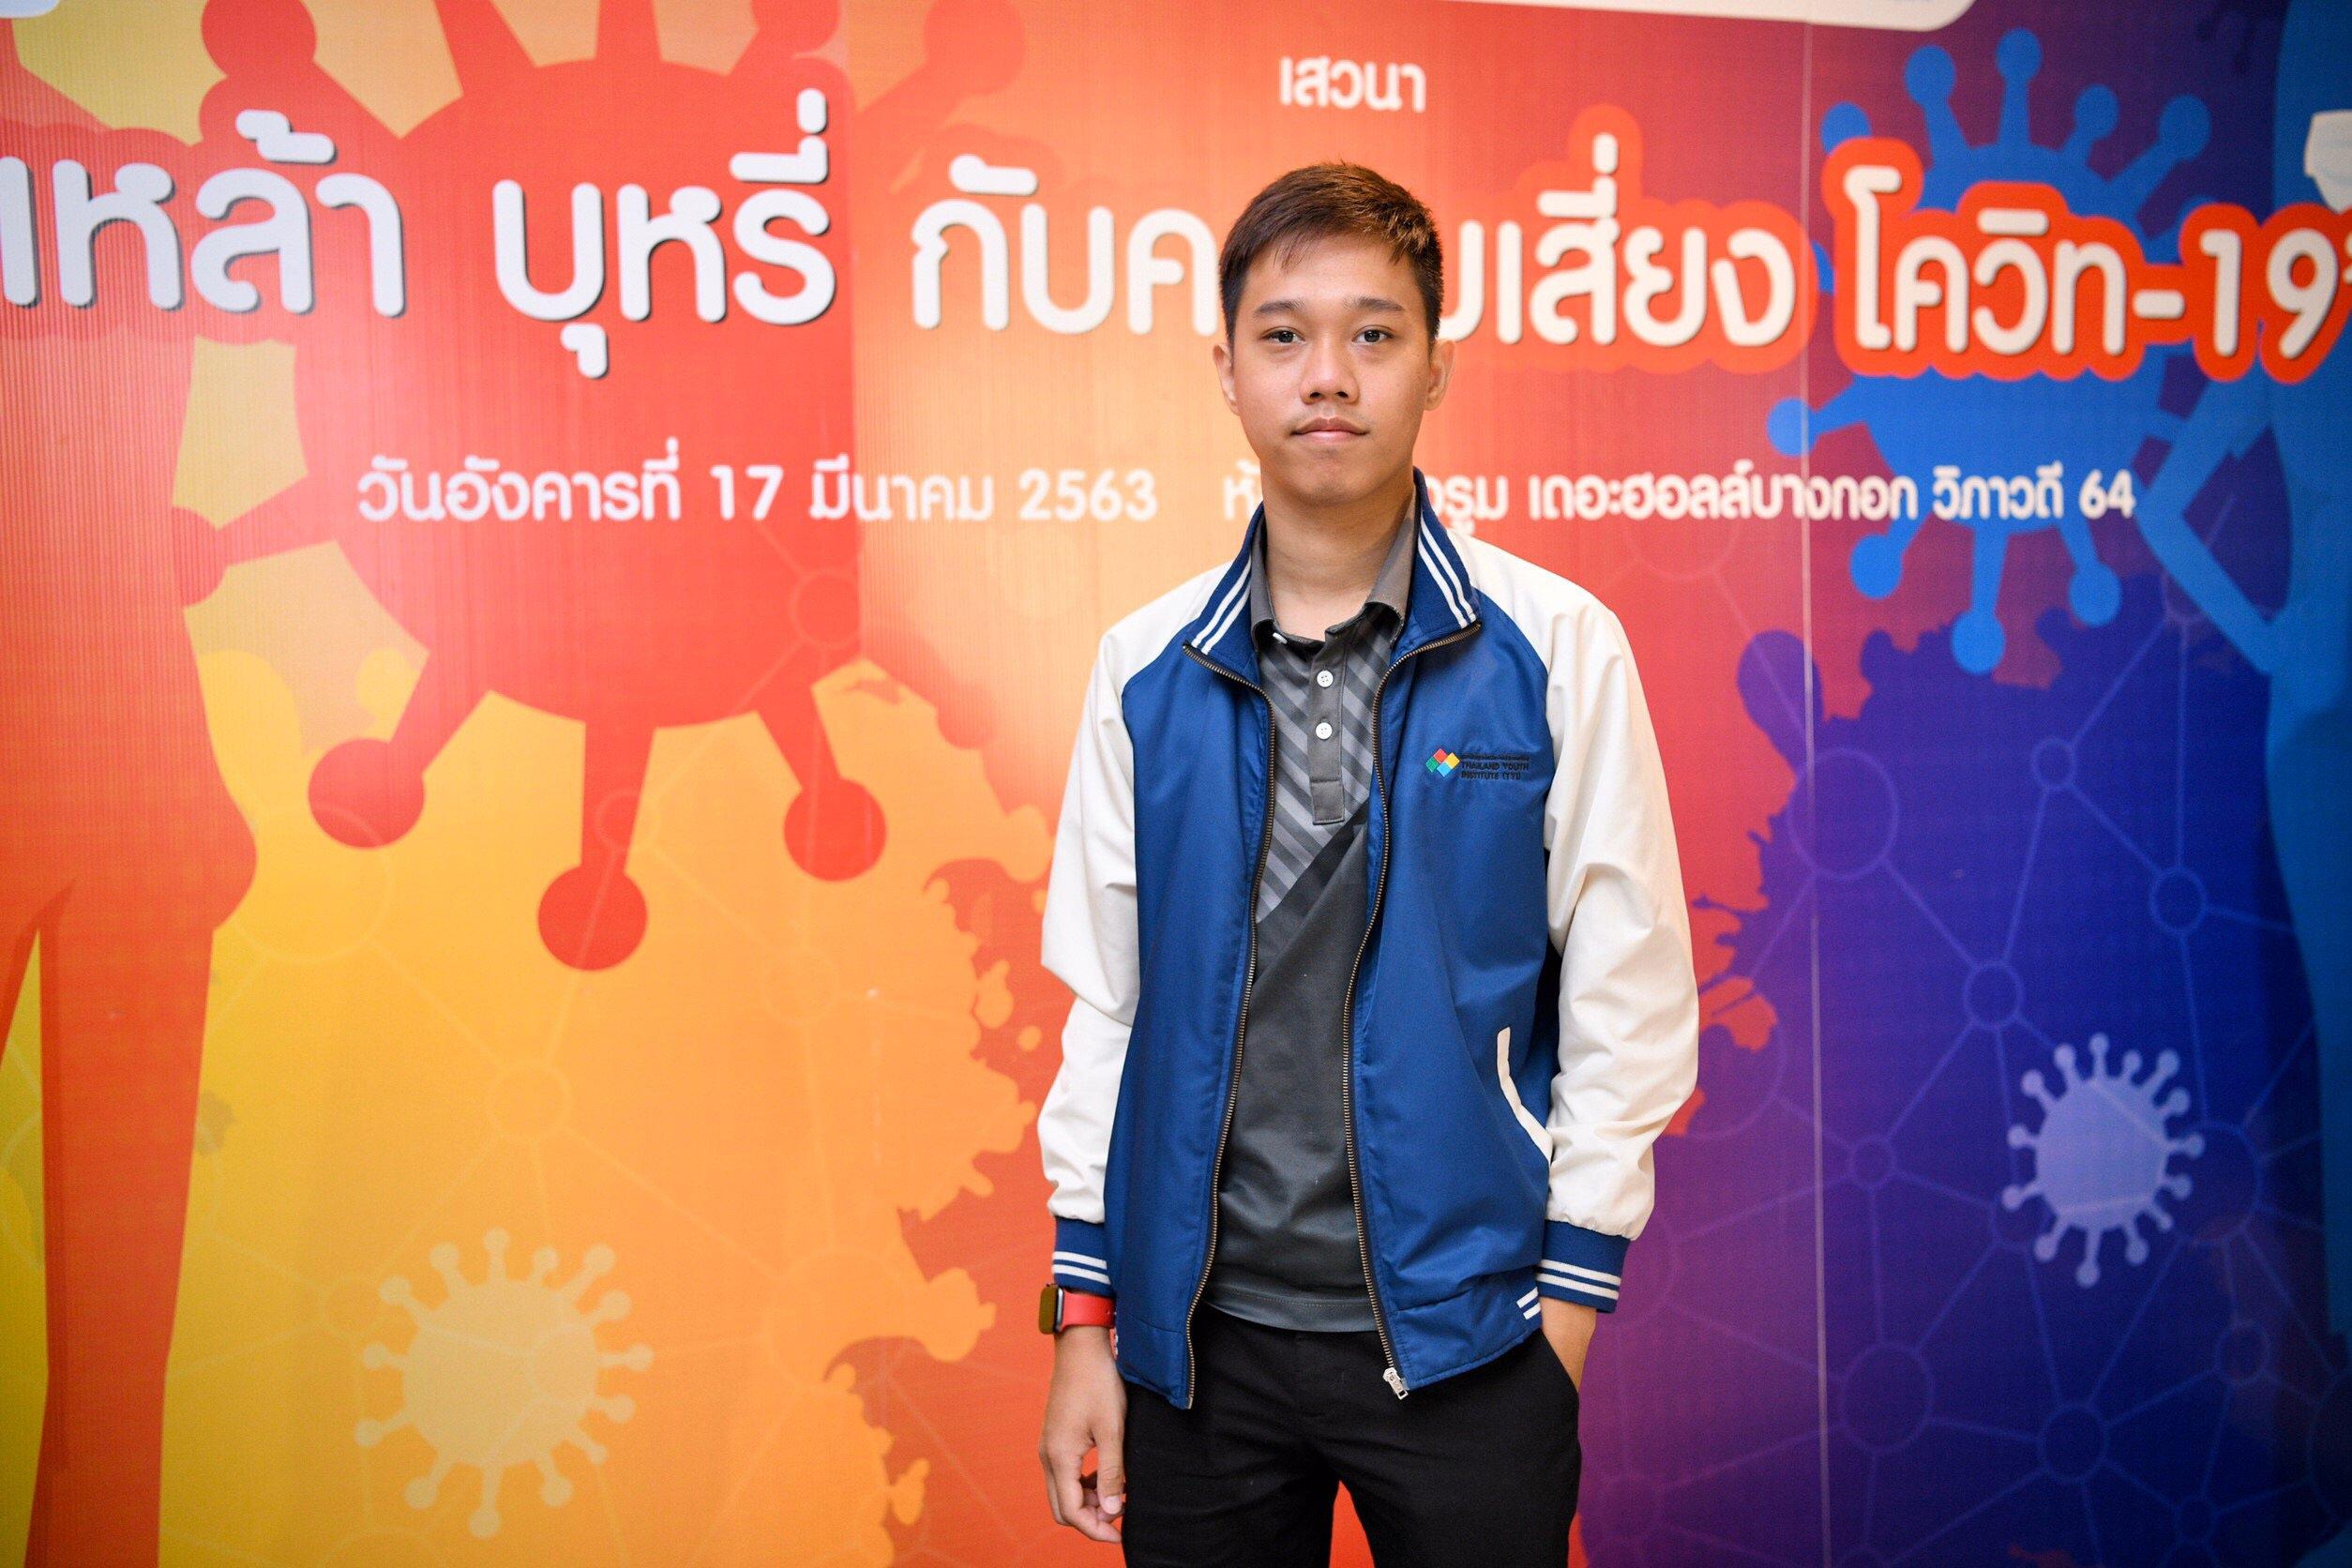 เครือข่ายครู เยาวชน และครอบครัว ขอรัฐพิจารณาขึ้นภาษีบุหรี่ ลดอัตราการสูบในเยาวชน thaihealth